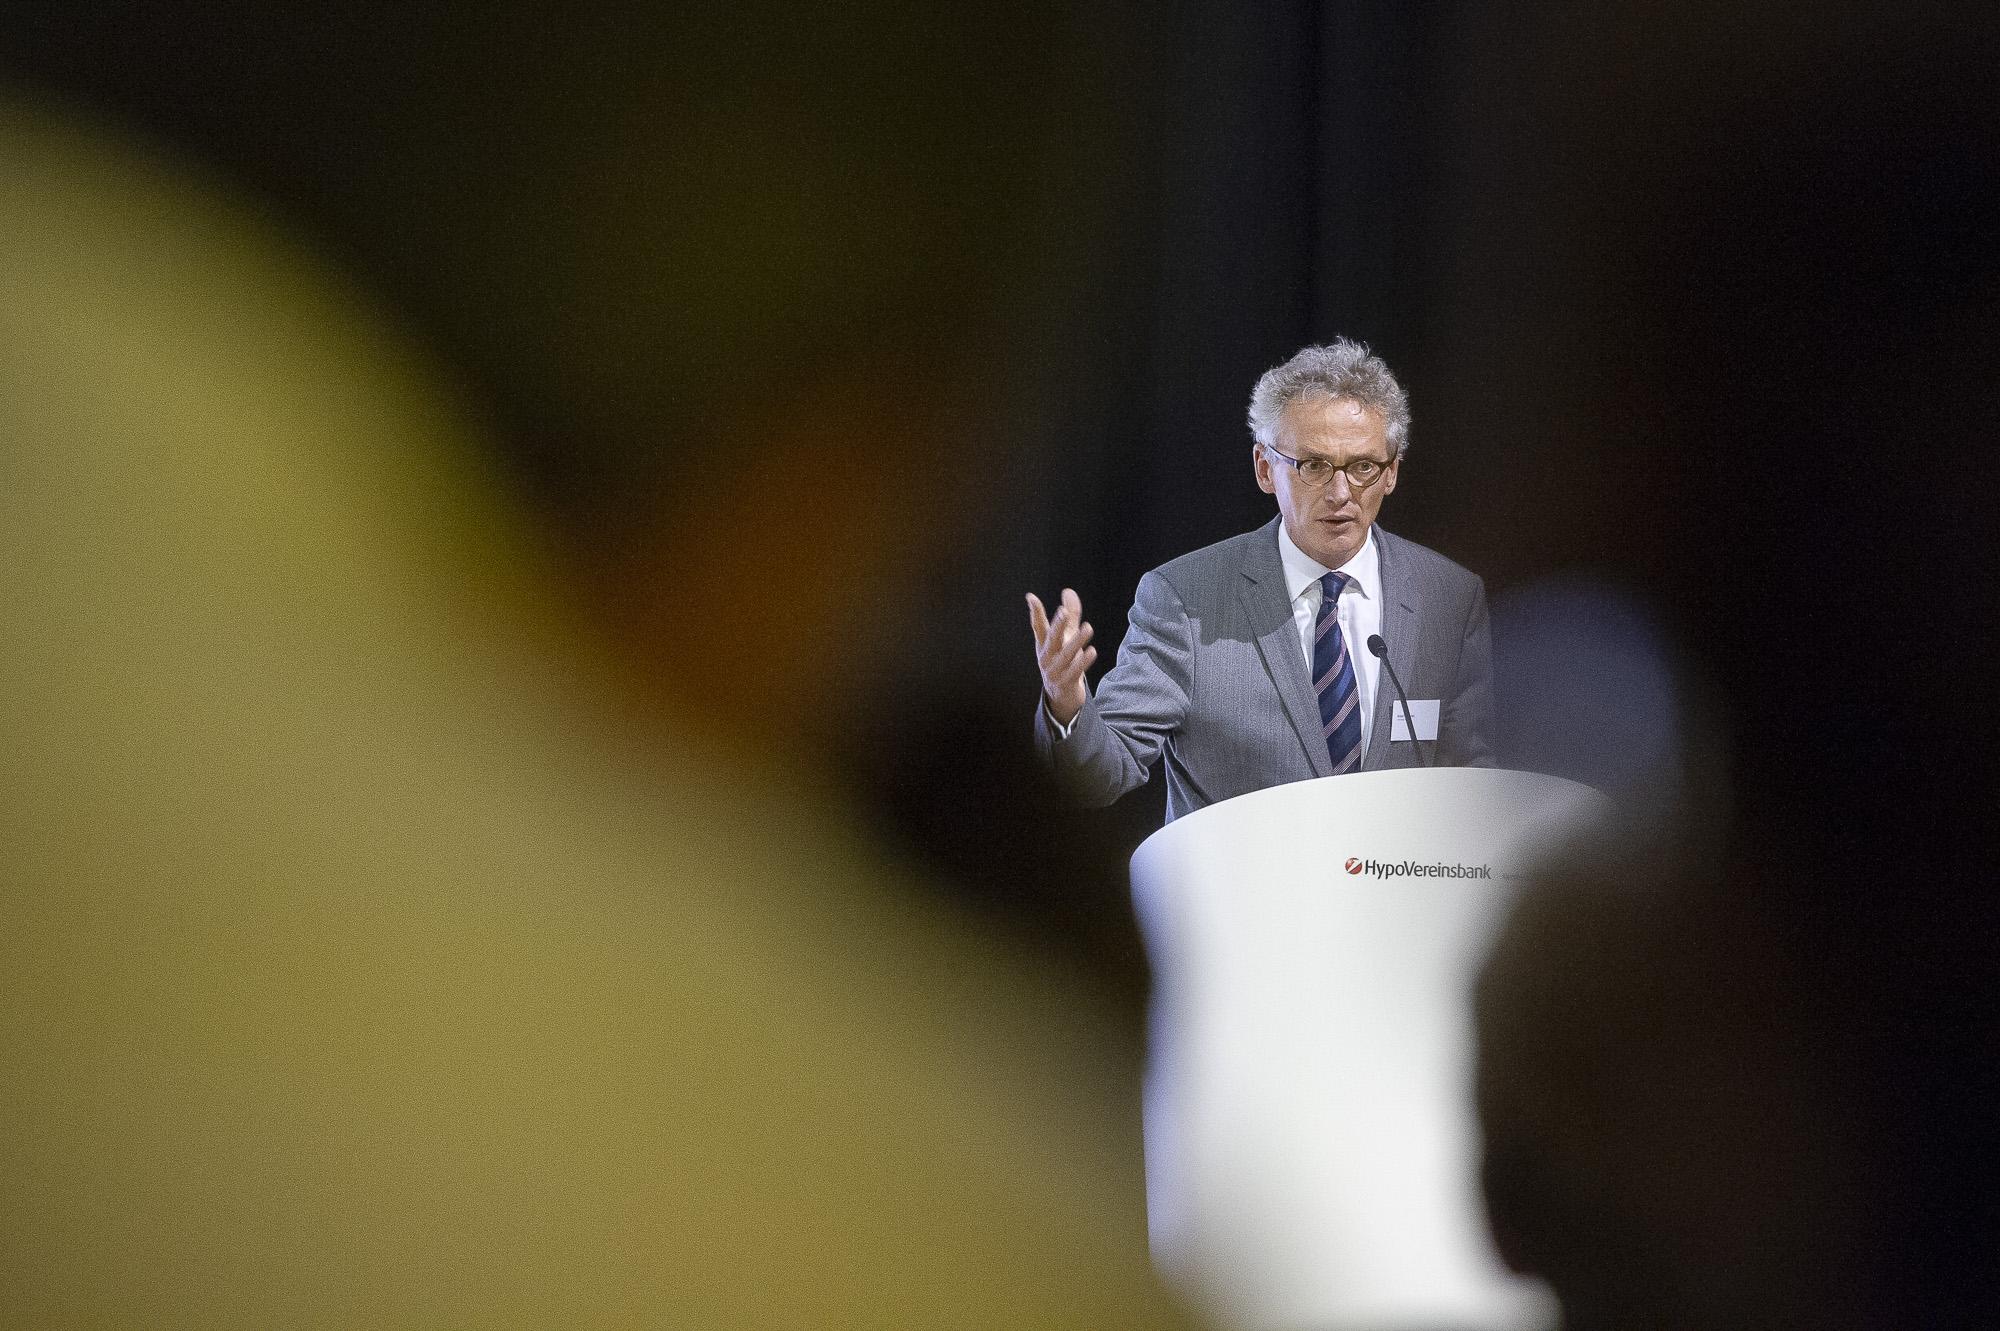 Wirtschaftsgespräche Redner